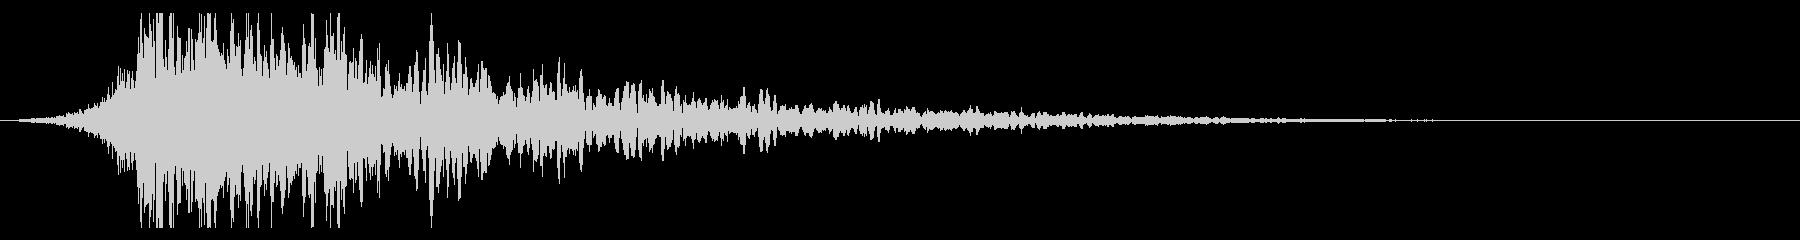 シュードーン-63-1(インパクト音)の未再生の波形